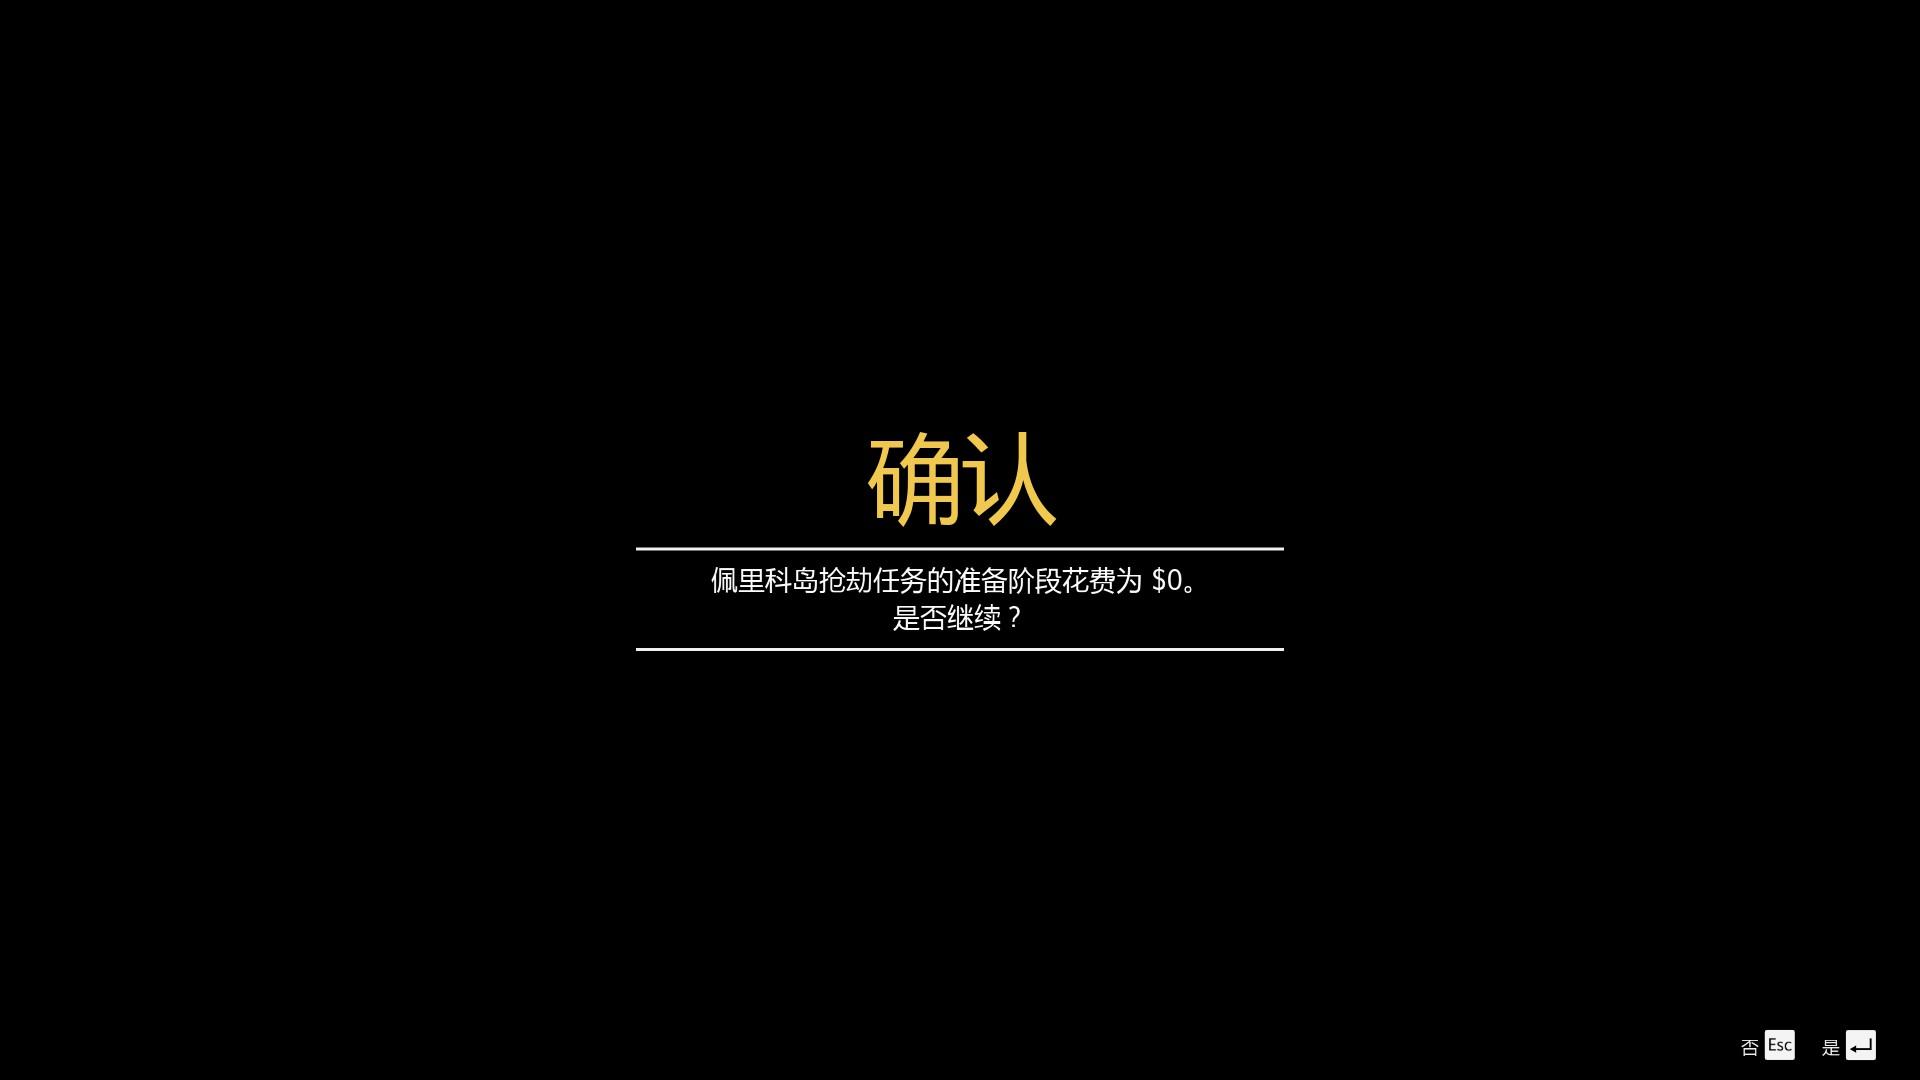 《洛城周报:小佩岛藏大机缘,新列兵赢旧情结》插图1